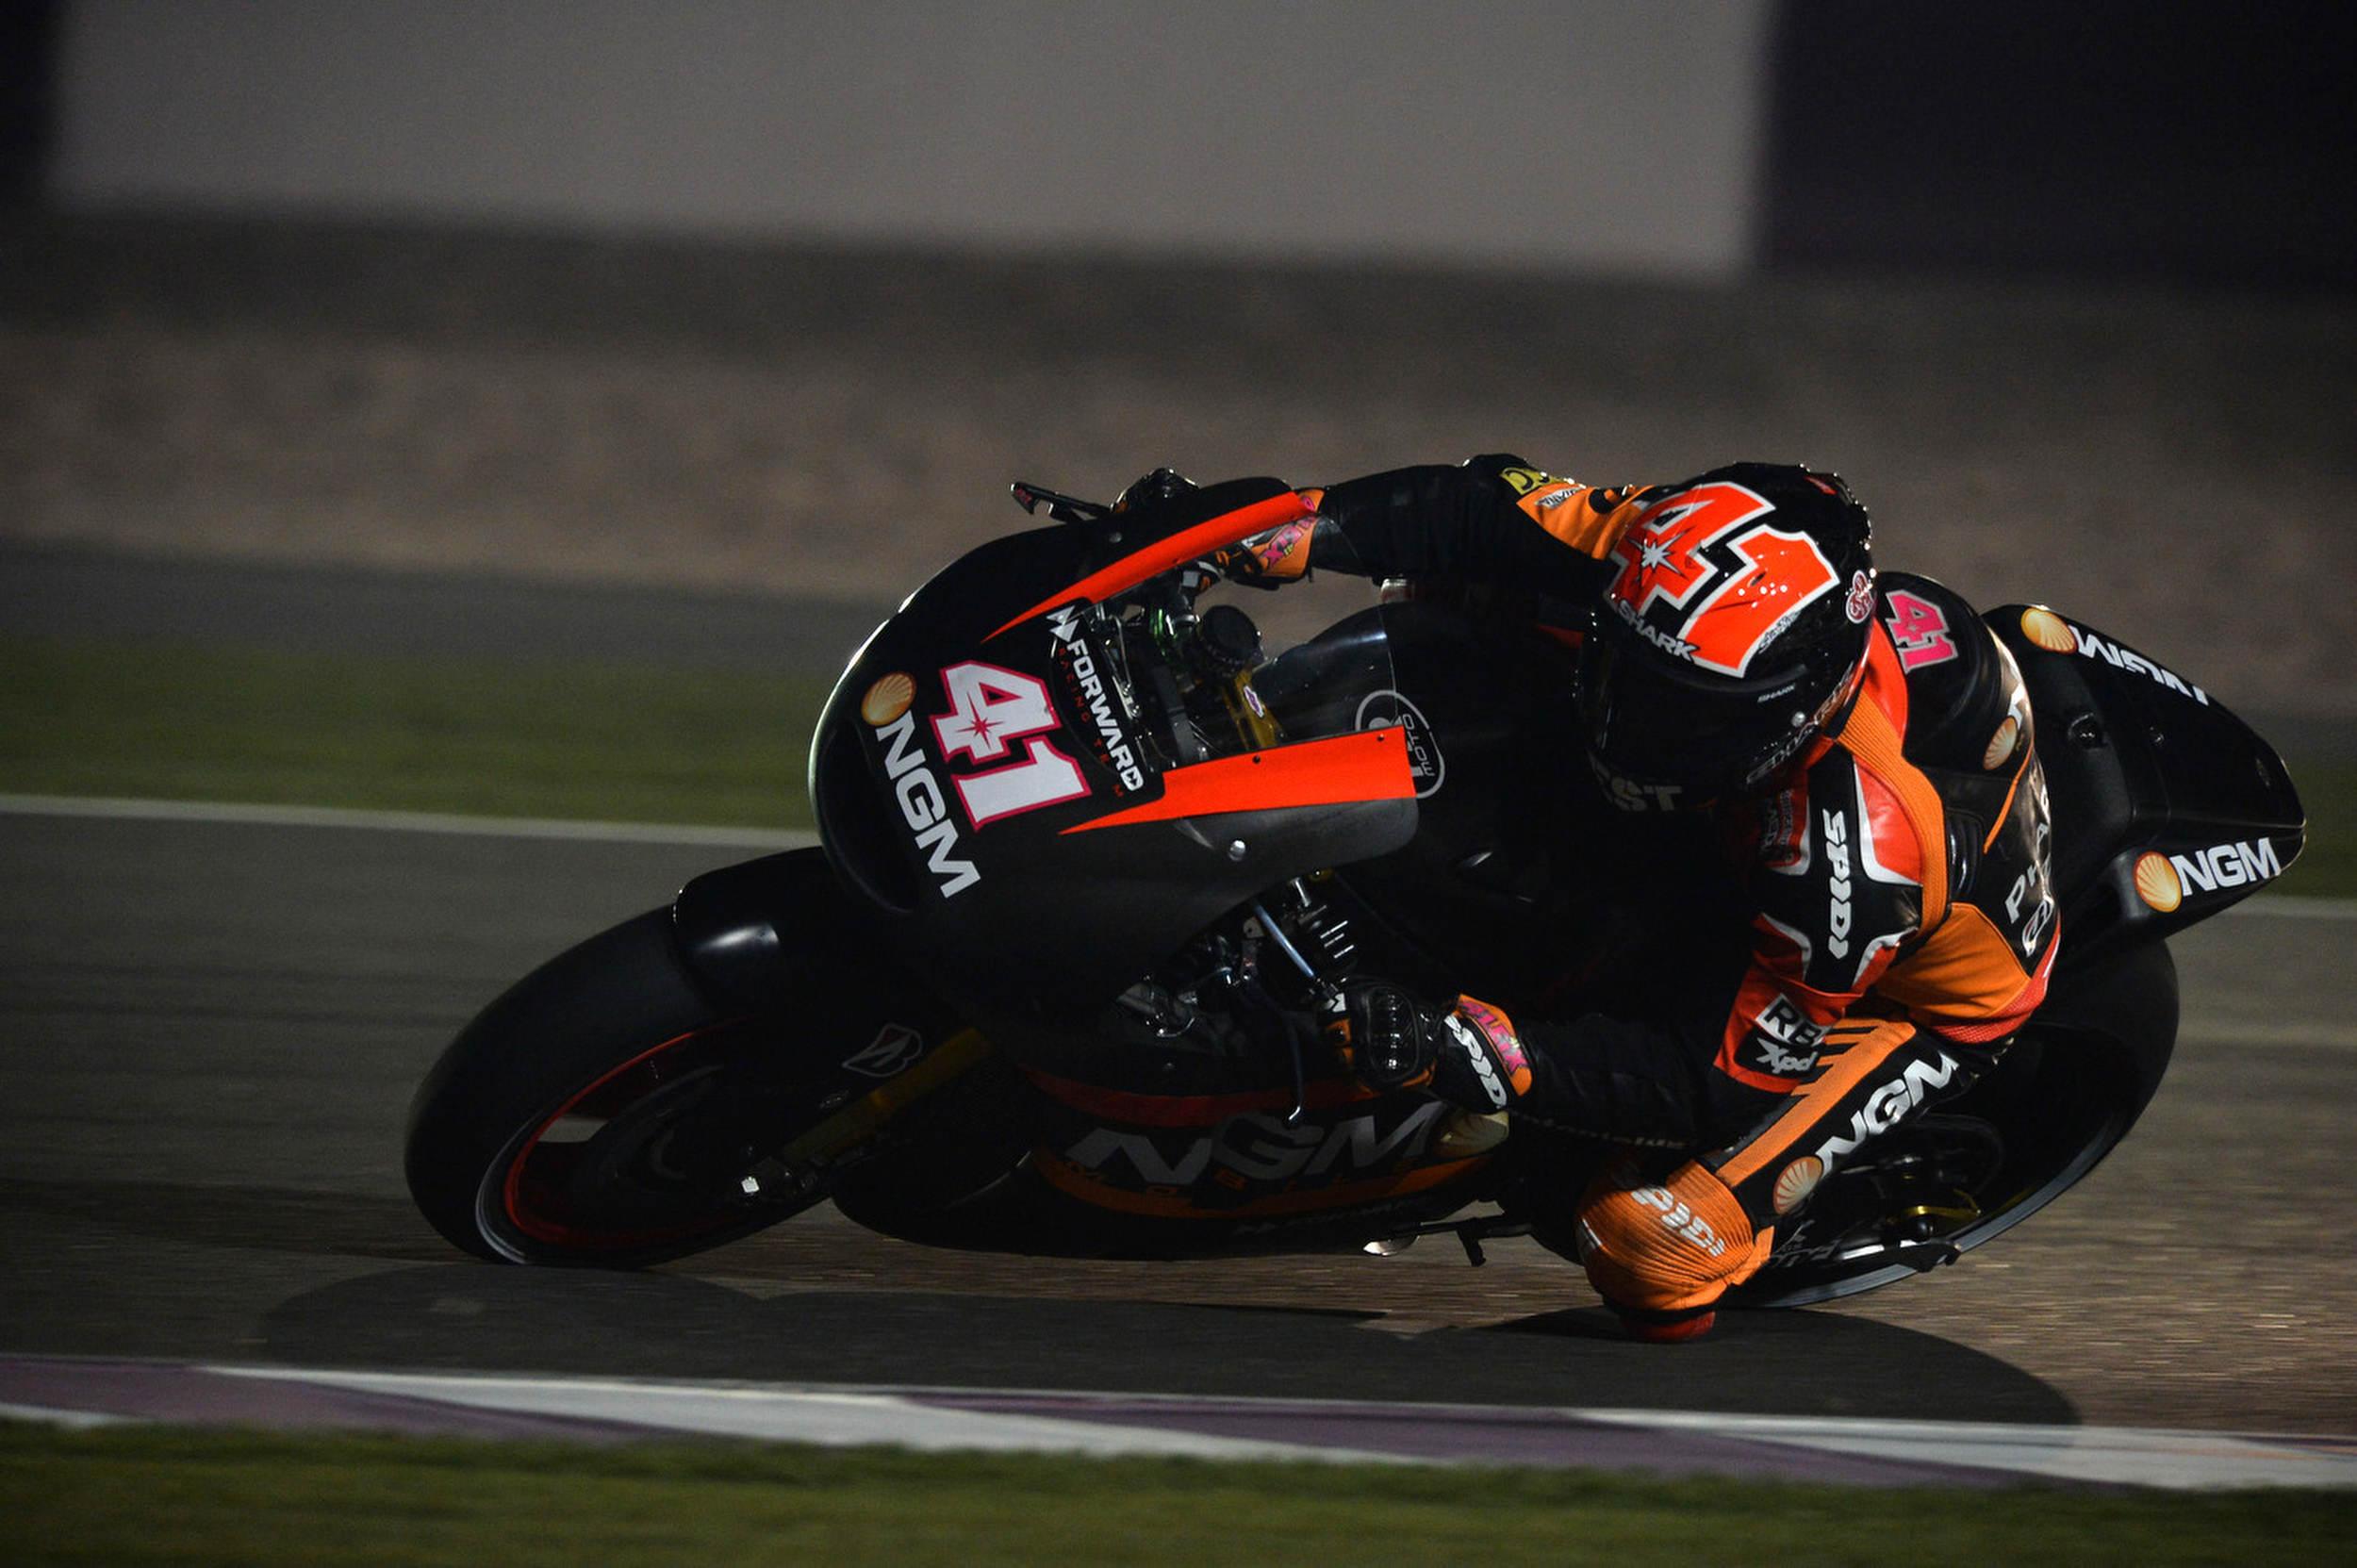 Aleix Espargaro leads as Qatar test gets underway